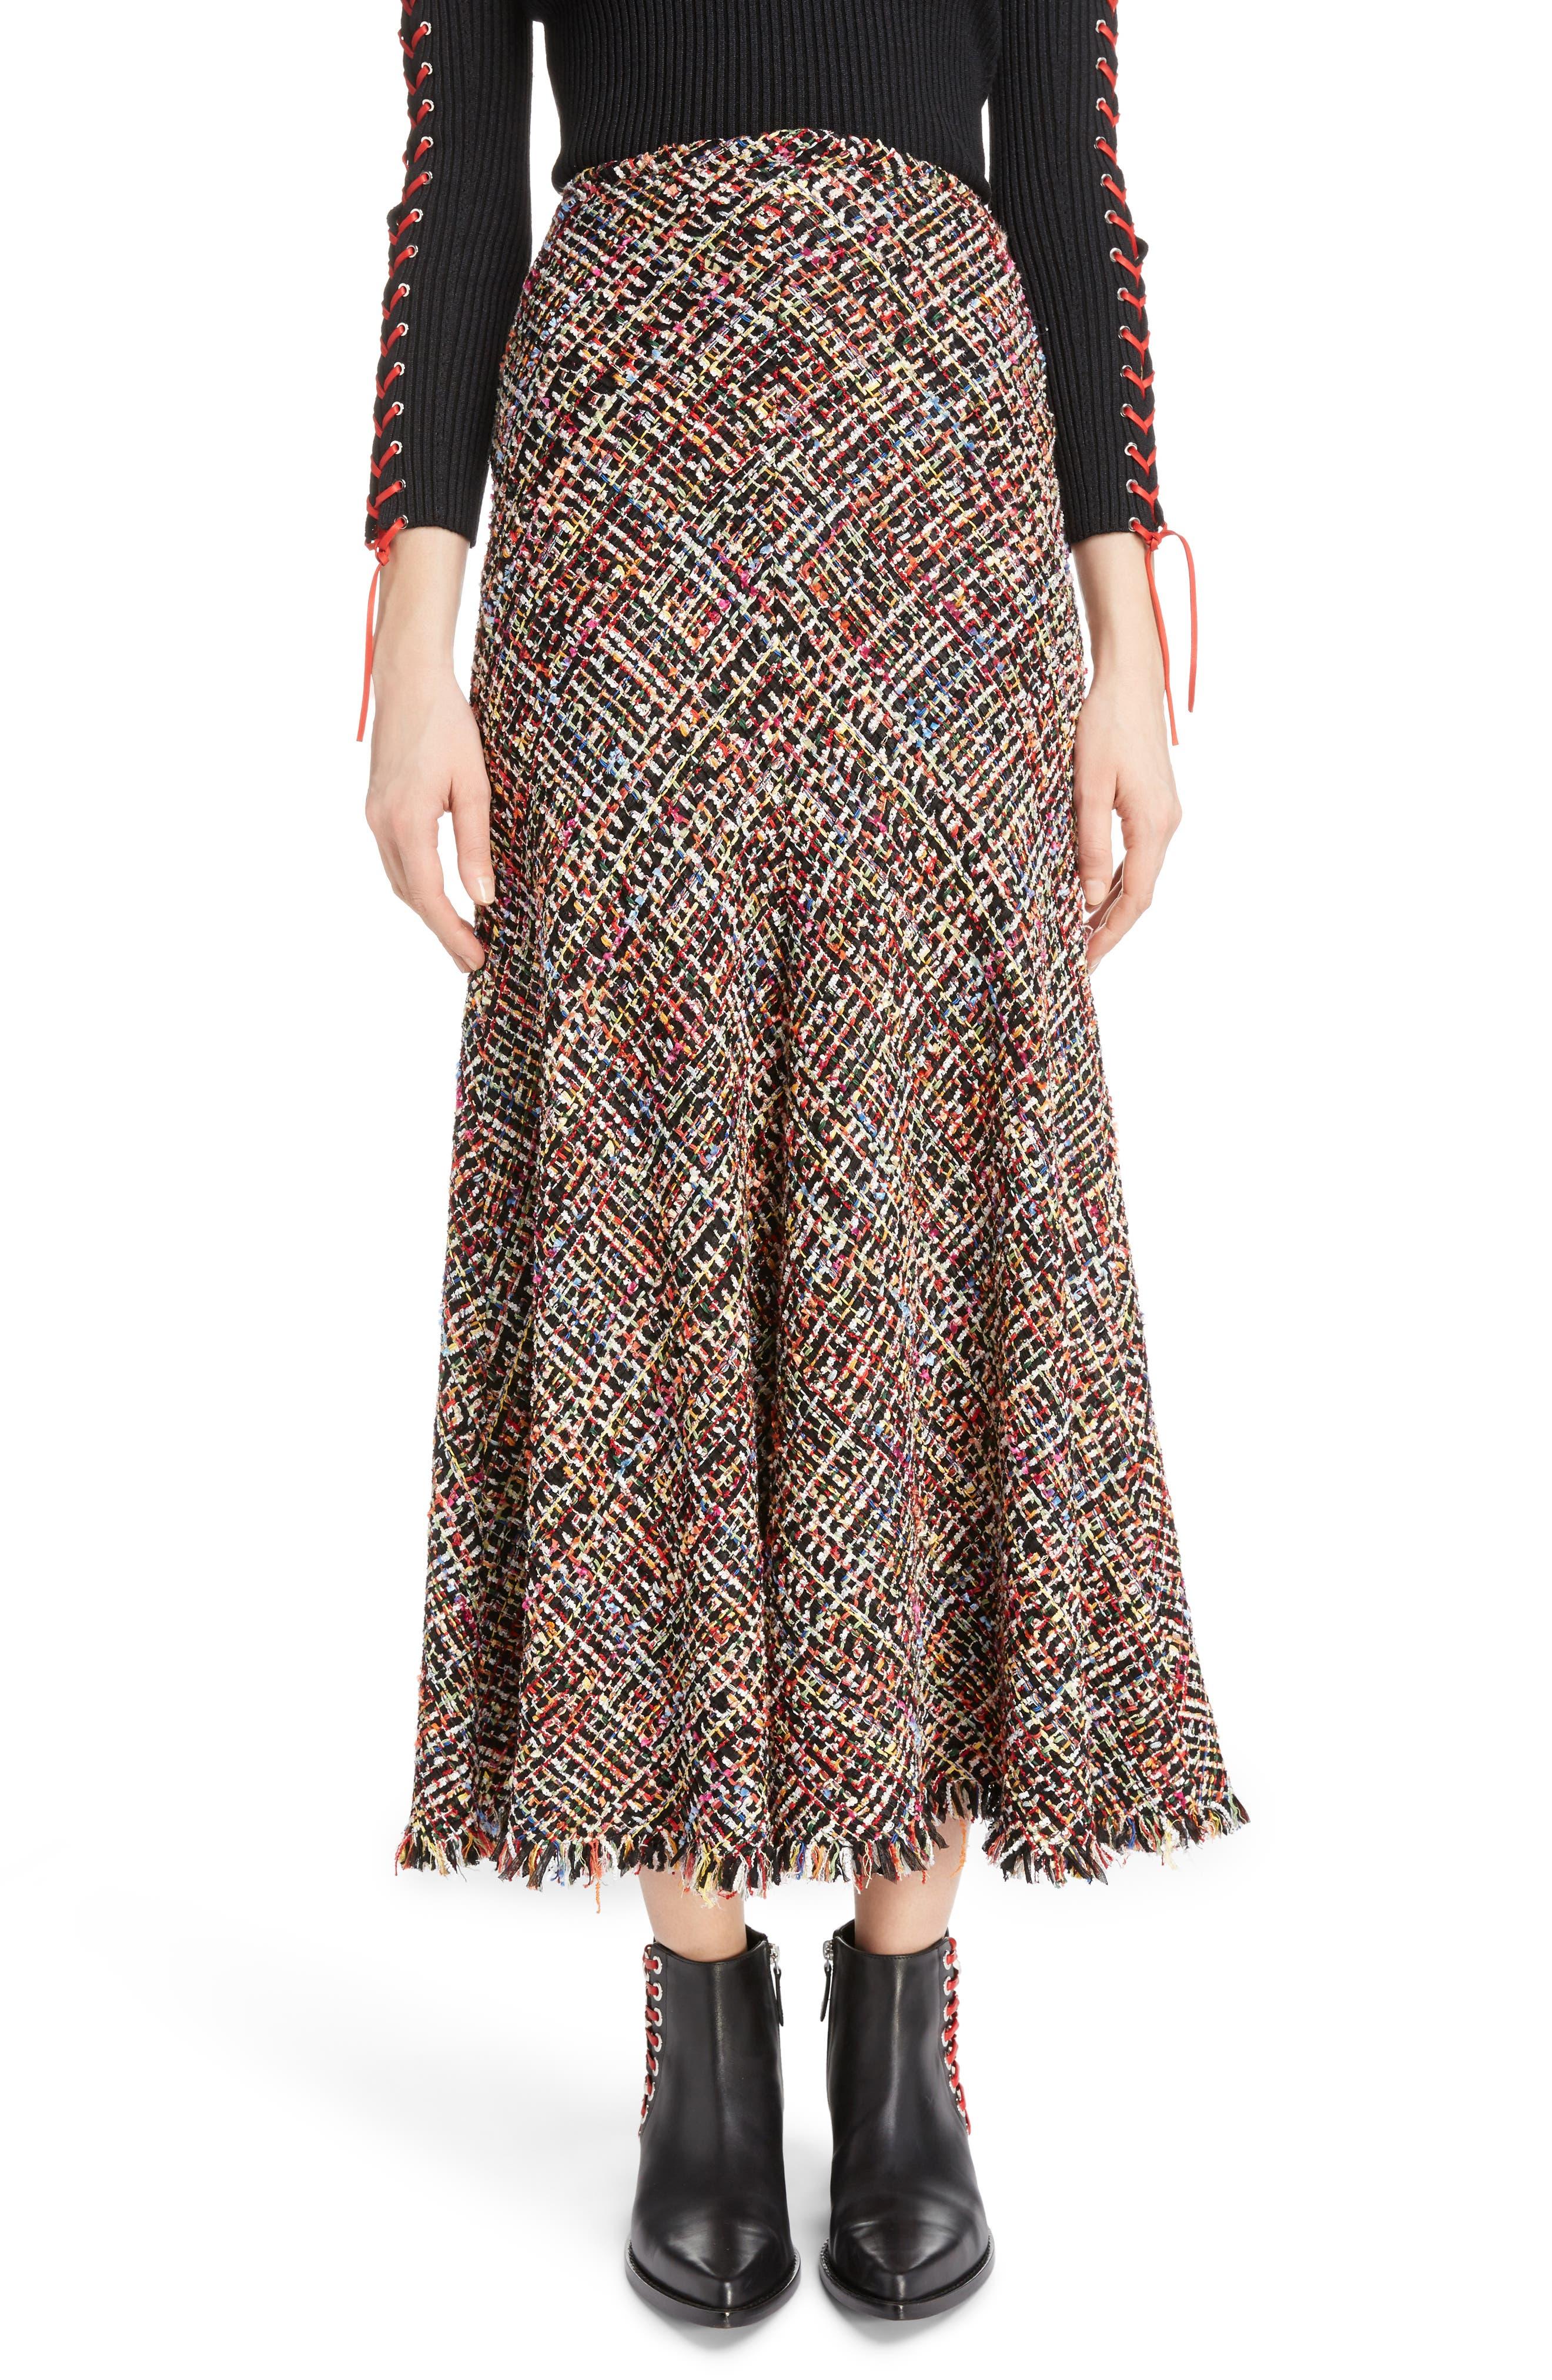 Main Image - Alexander McQueen Wishing Tree Tweed Skirt